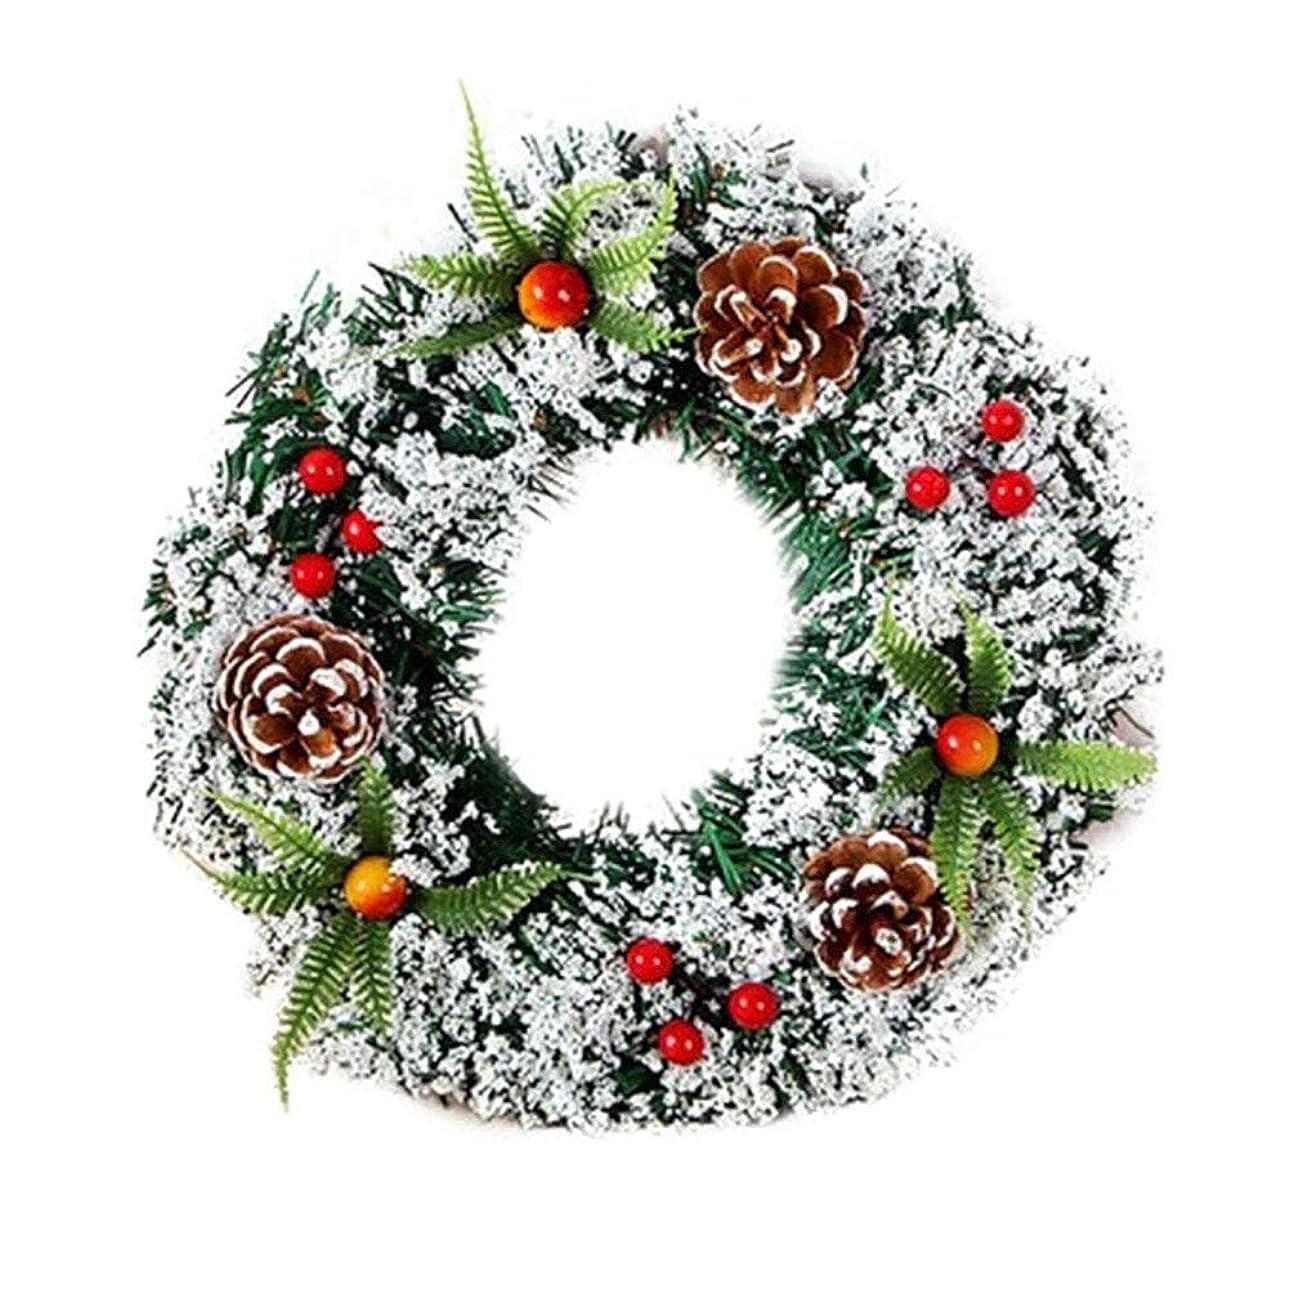 シーズン石時系列YideaHome クリスマスリース Xmas クリスマス 飾り インテリア 玄関 ドア 飾り アクセサリー 壁掛け 玄関飾り お店飾り 撮影用品 開店祝い 新築祝い